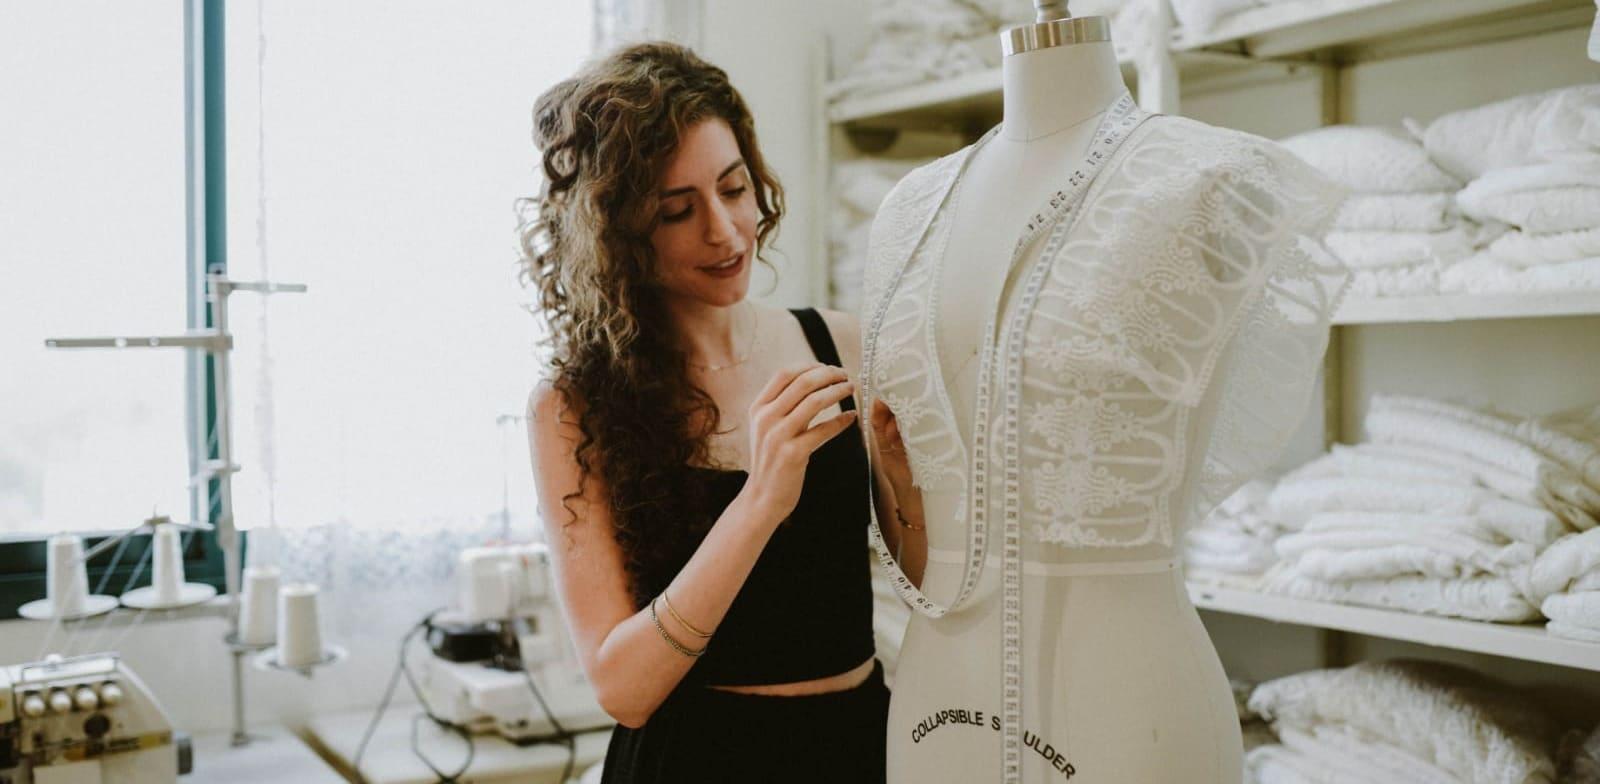 רננה גיתית אורן, מעצבת שמלות כלה / צילום: תמונה פרטית